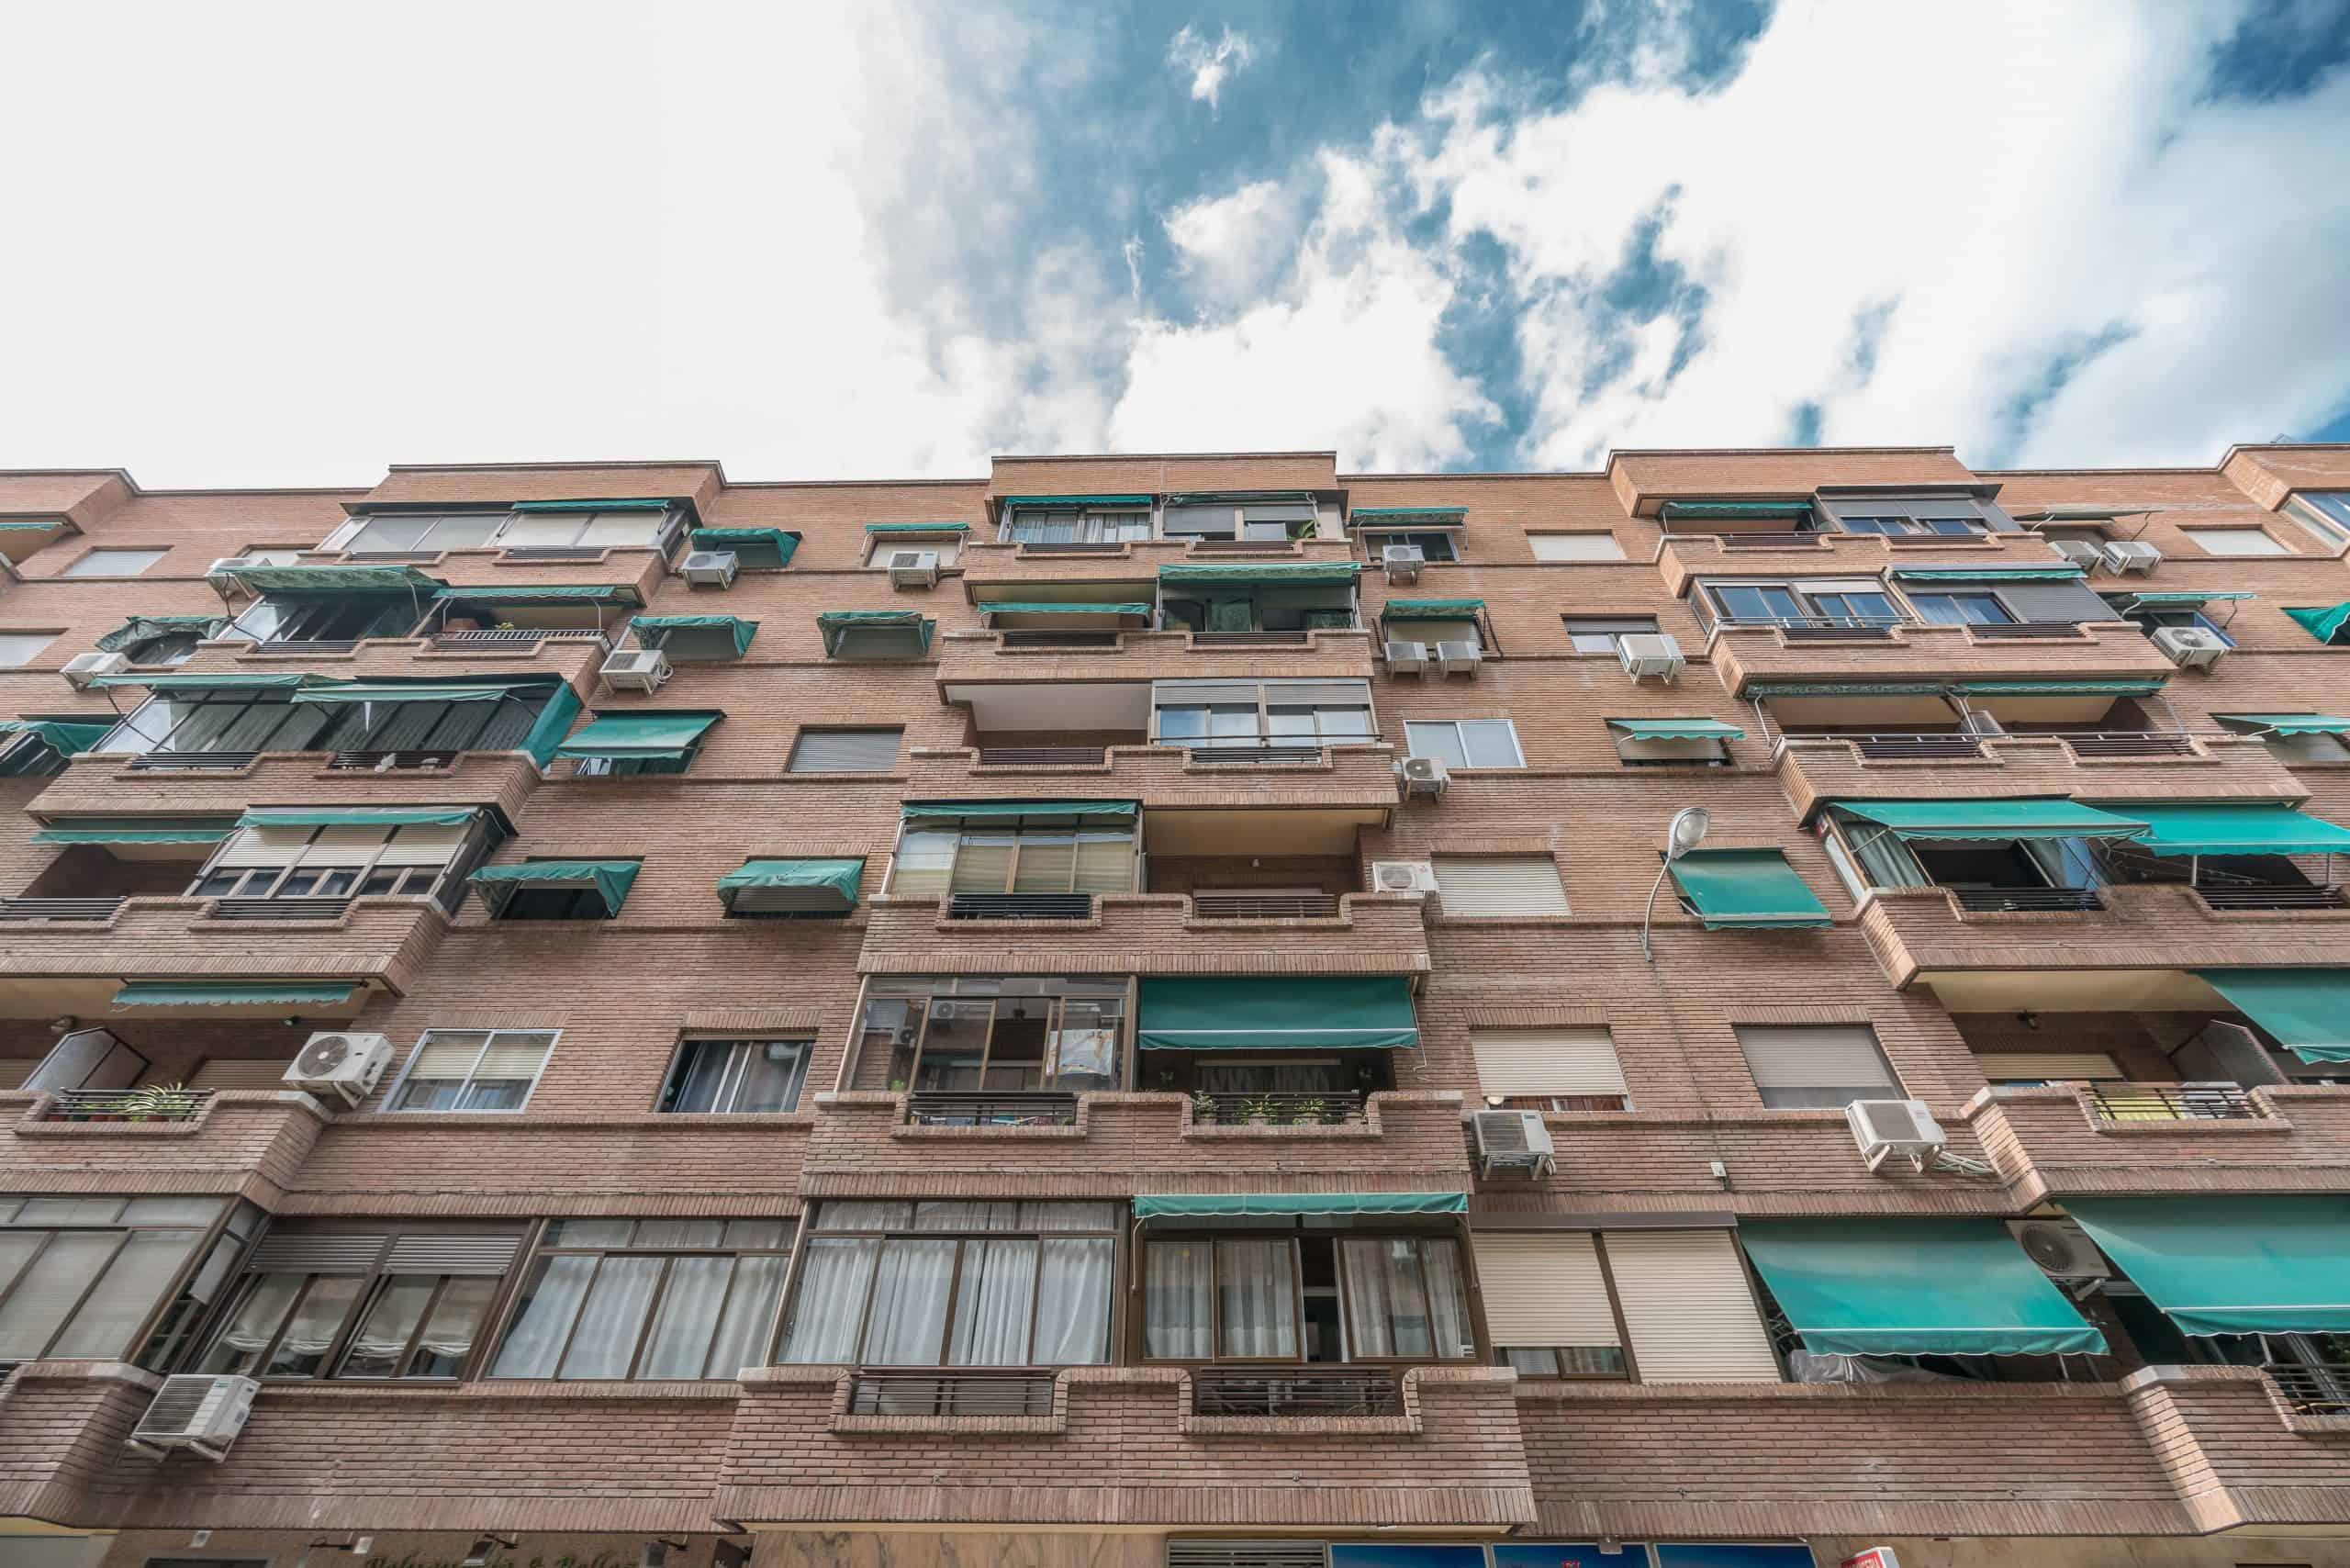 Agencia Inmobiliaria de Madrid-FUTUROCASA-Zona ARGANZUELA-EMBAJADORES-LEGAZPI -calle tomas borras- Fachada